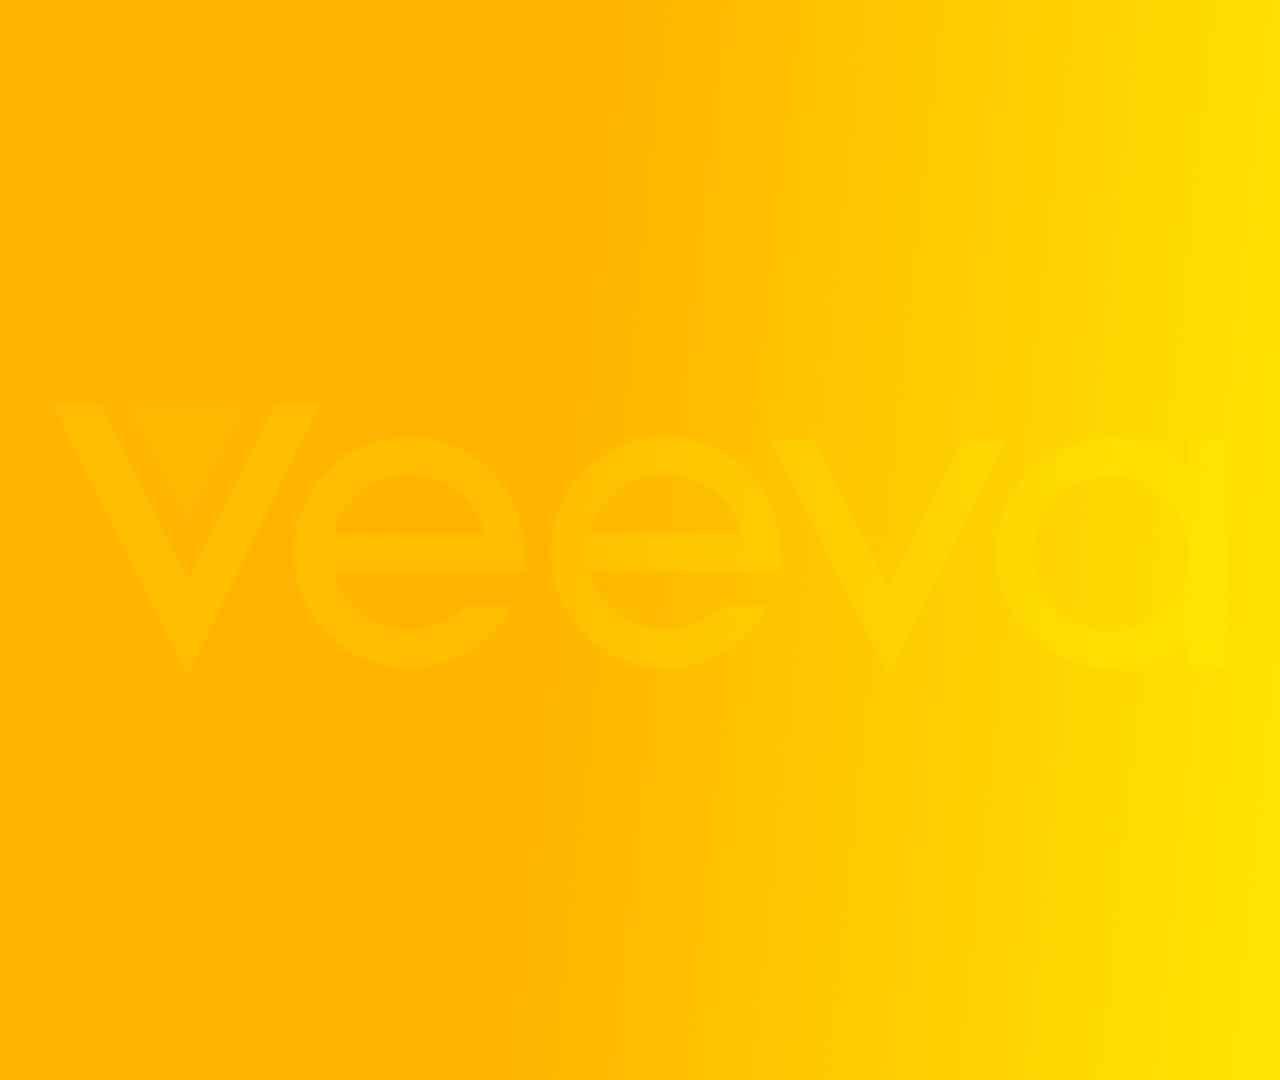 veeva-background-yellow-orange